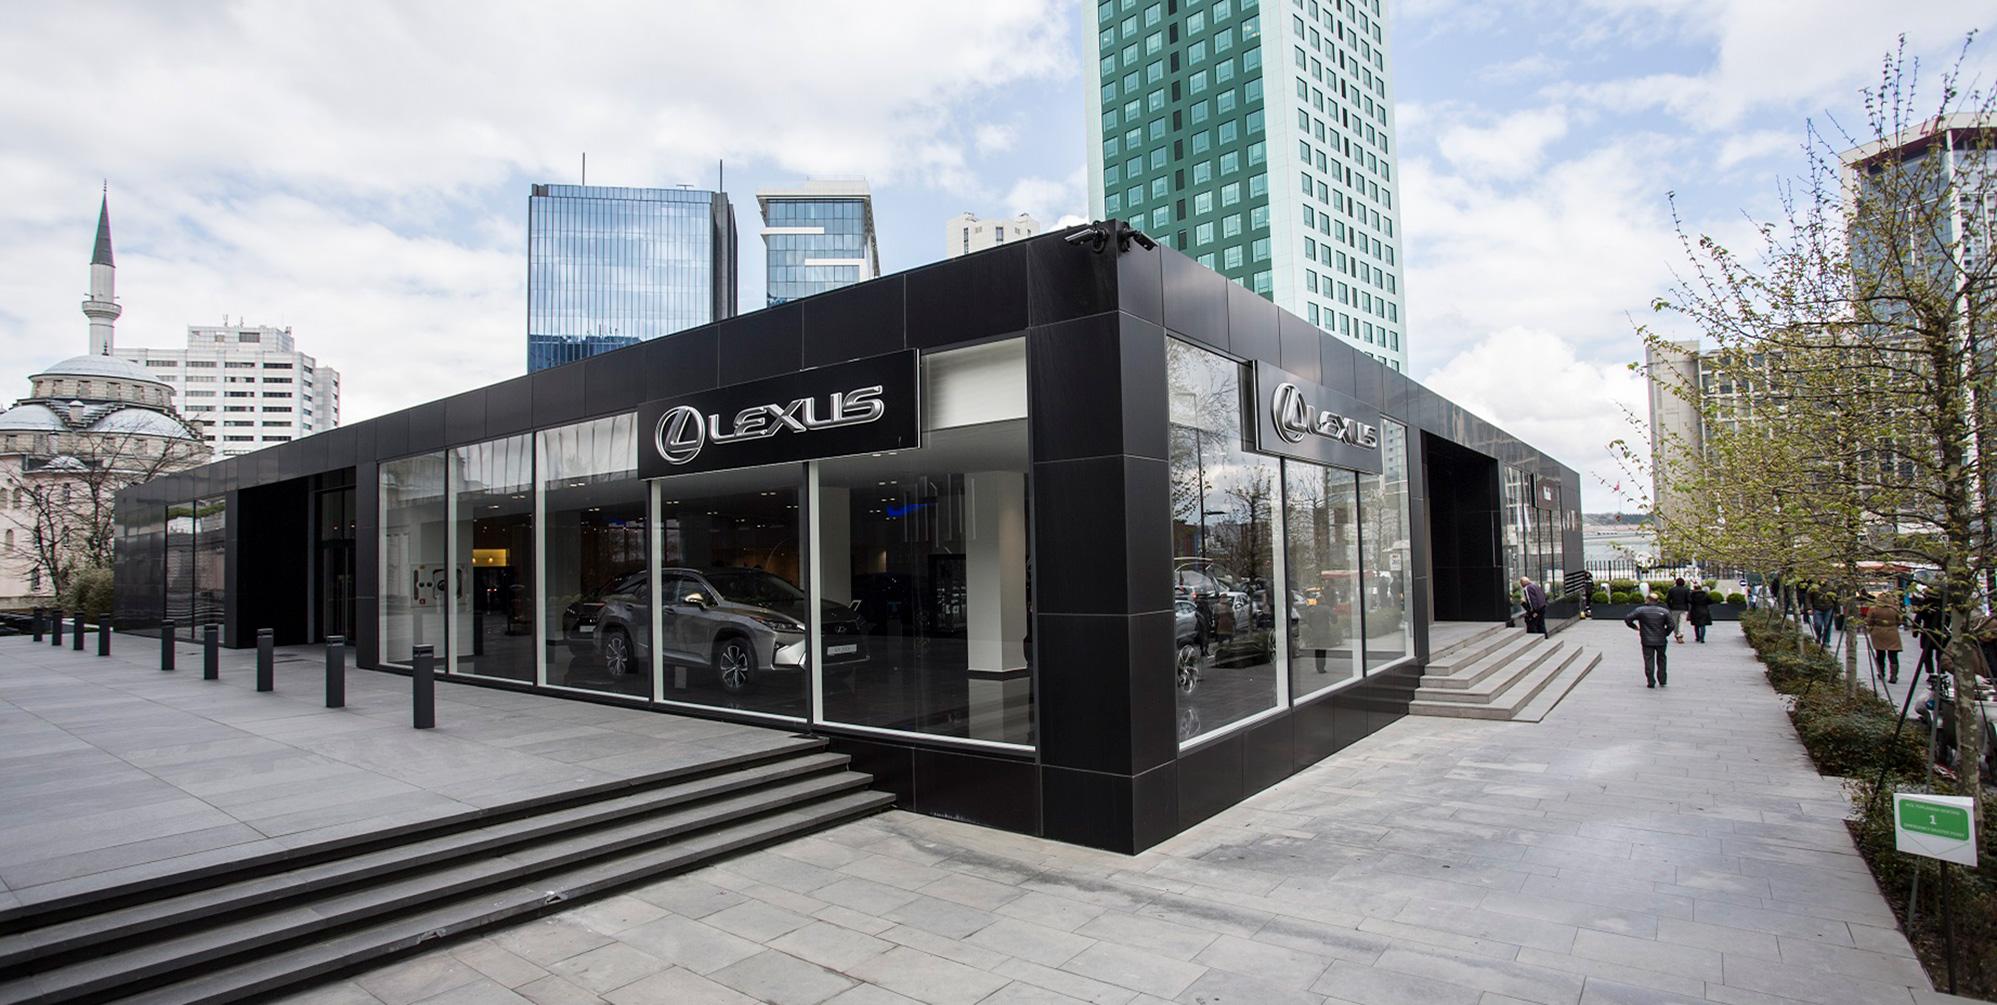 Lexus Maslak Yildizli Musteri Deneyimi 01